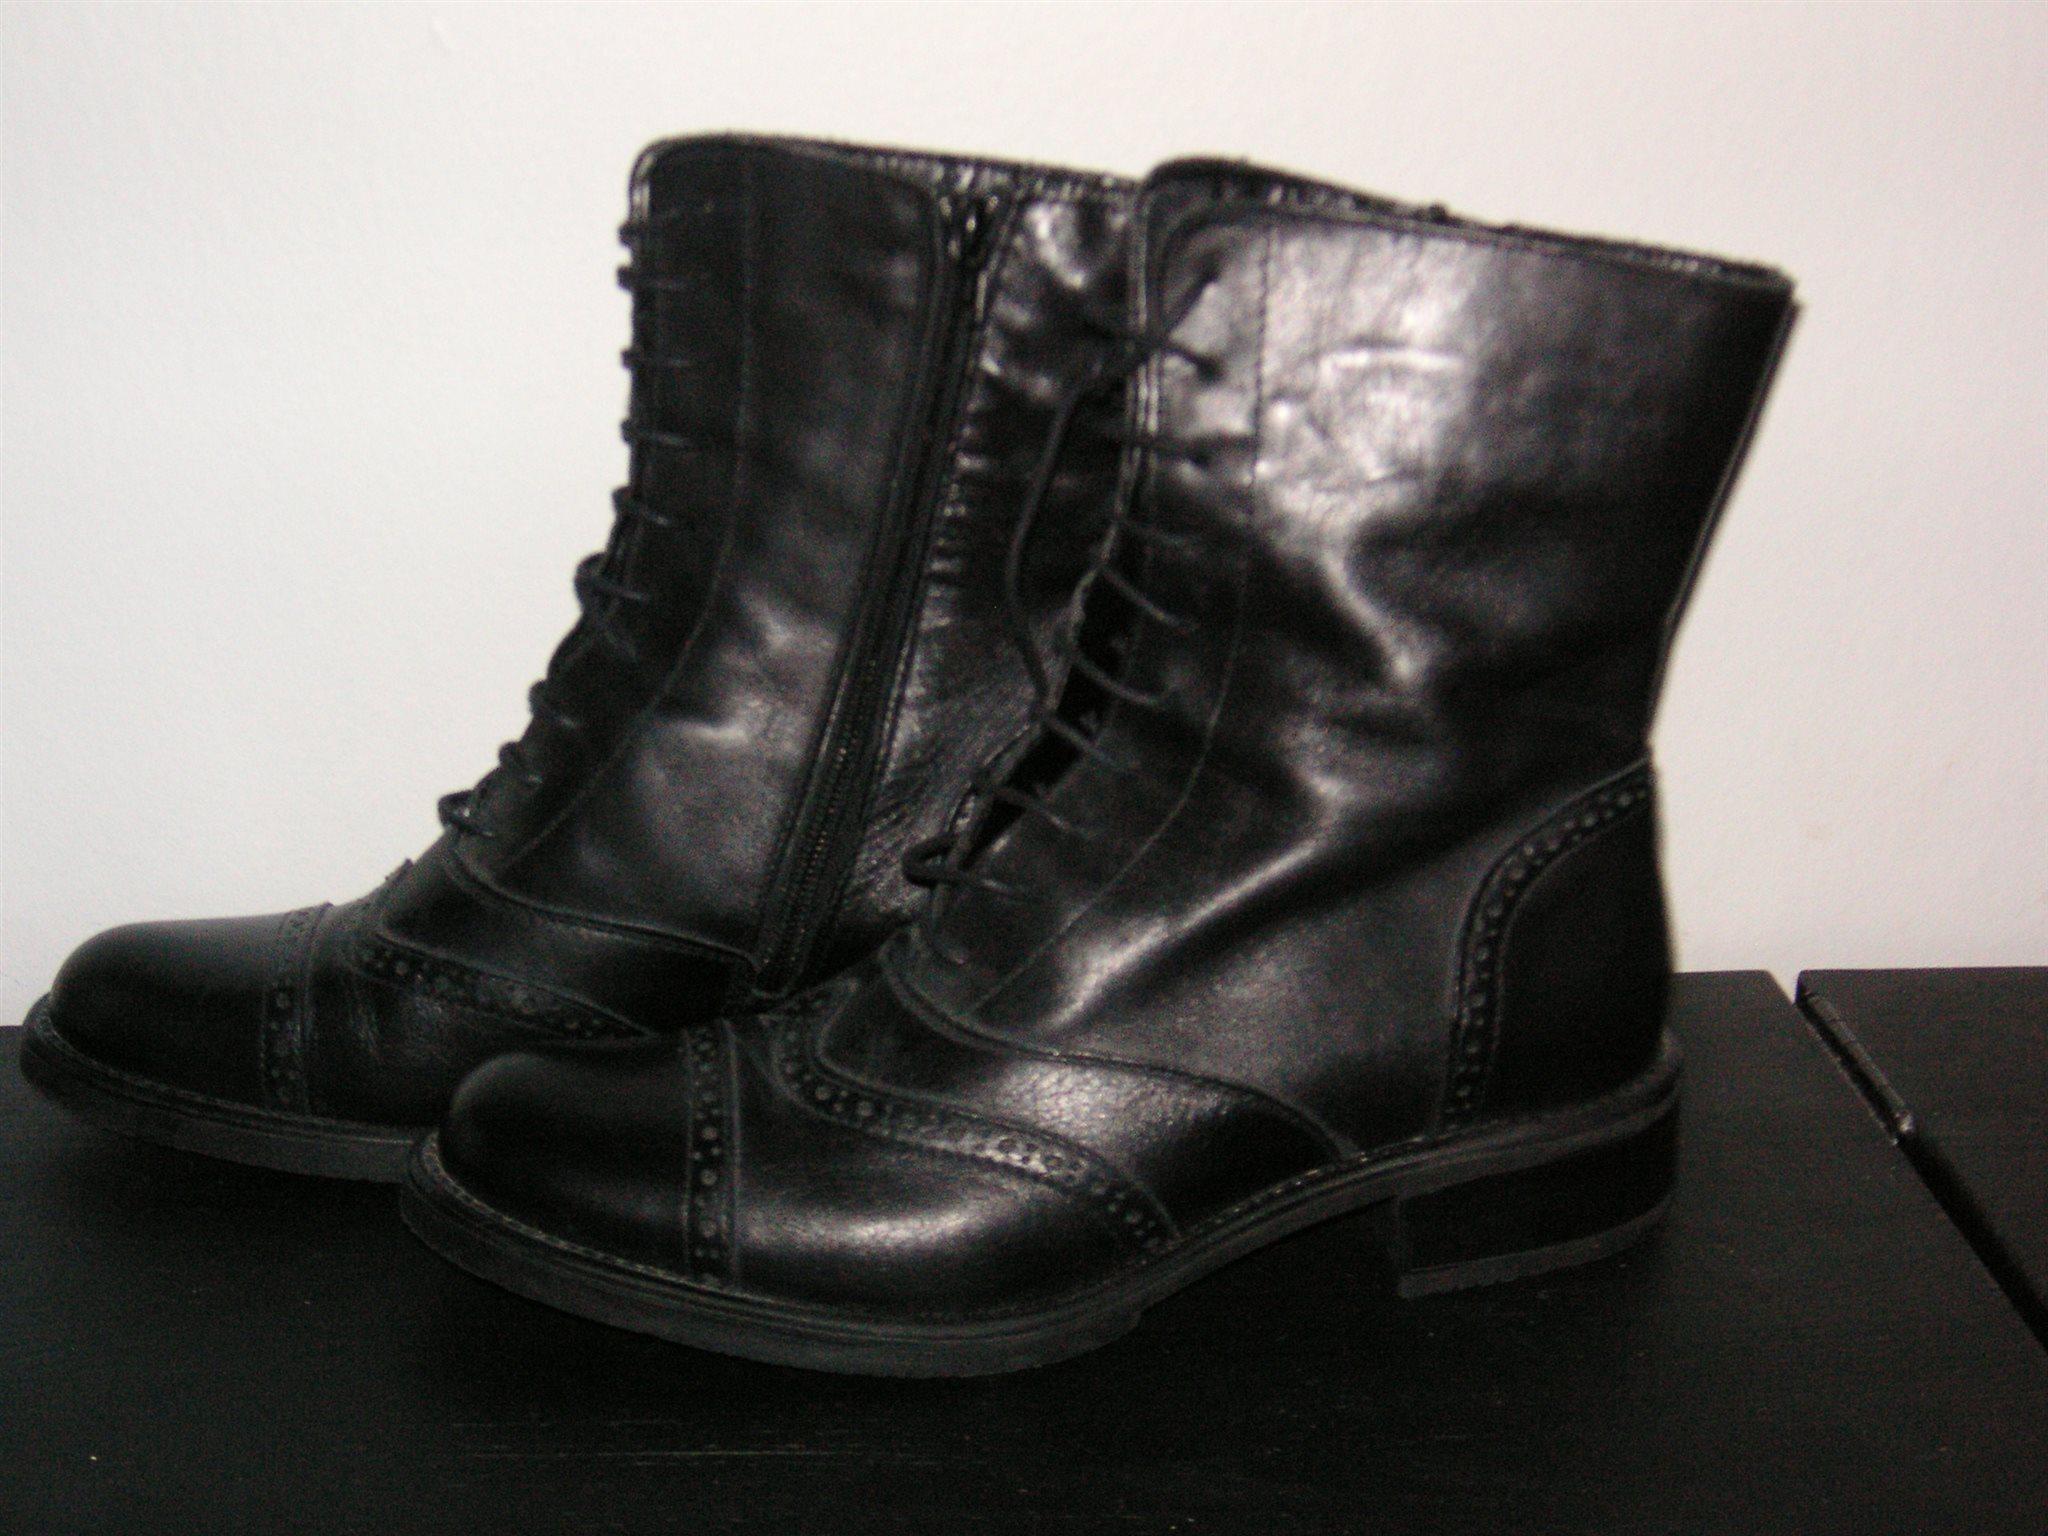 92ca49f669d Nya svarta kängor / boots i skinn från Bellezza.. (339328239) ᐈ Köp ...